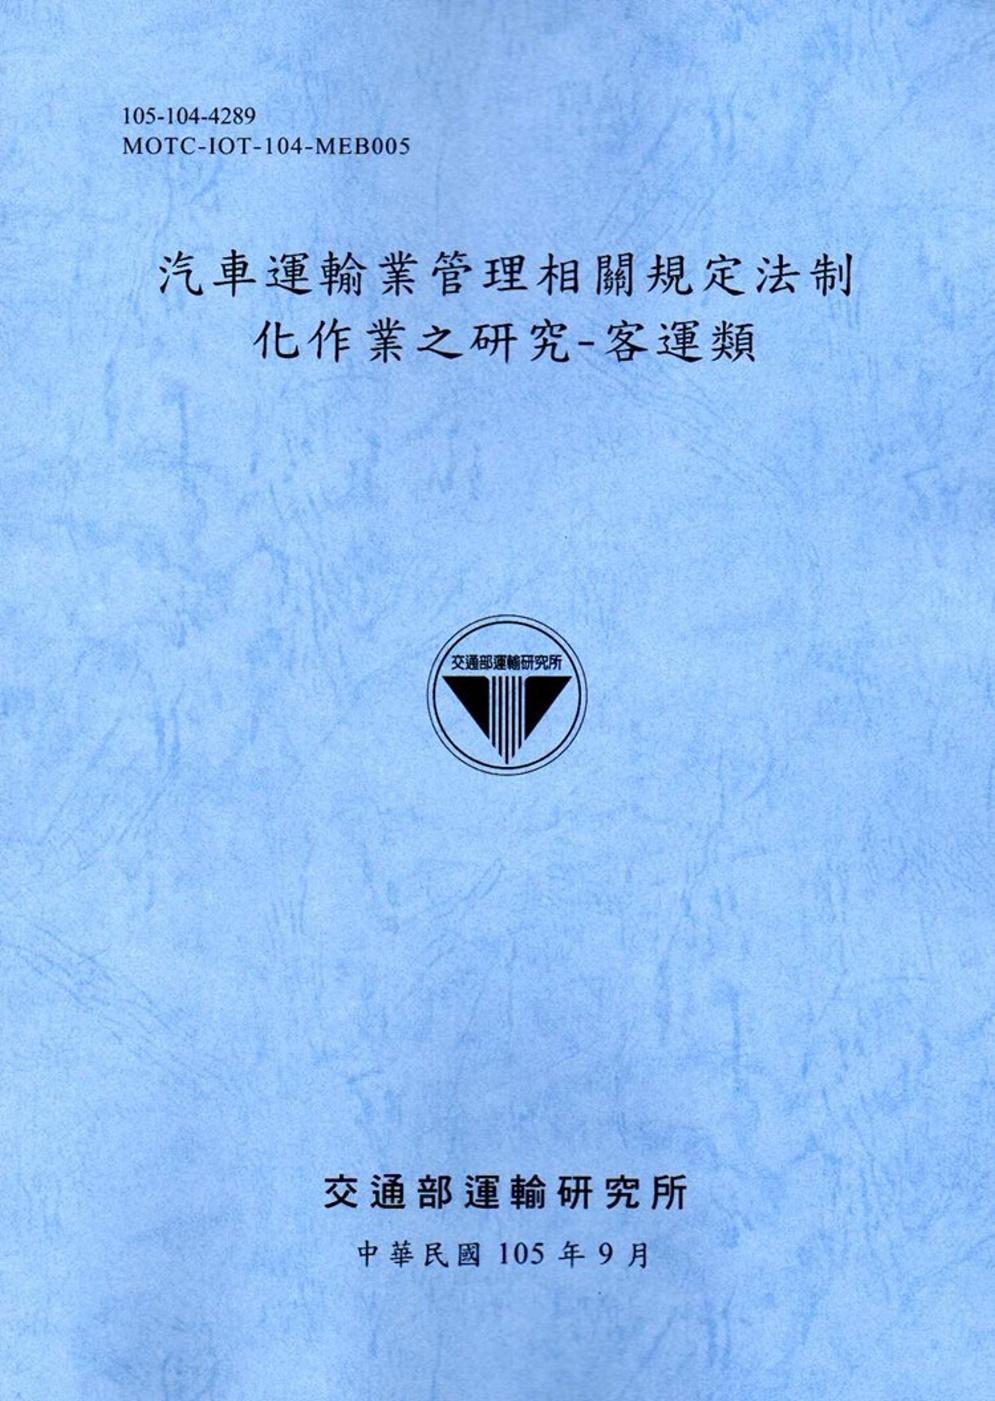 汽車運輸業管理相關規定法制化作業之研究-客運類[105藍灰]